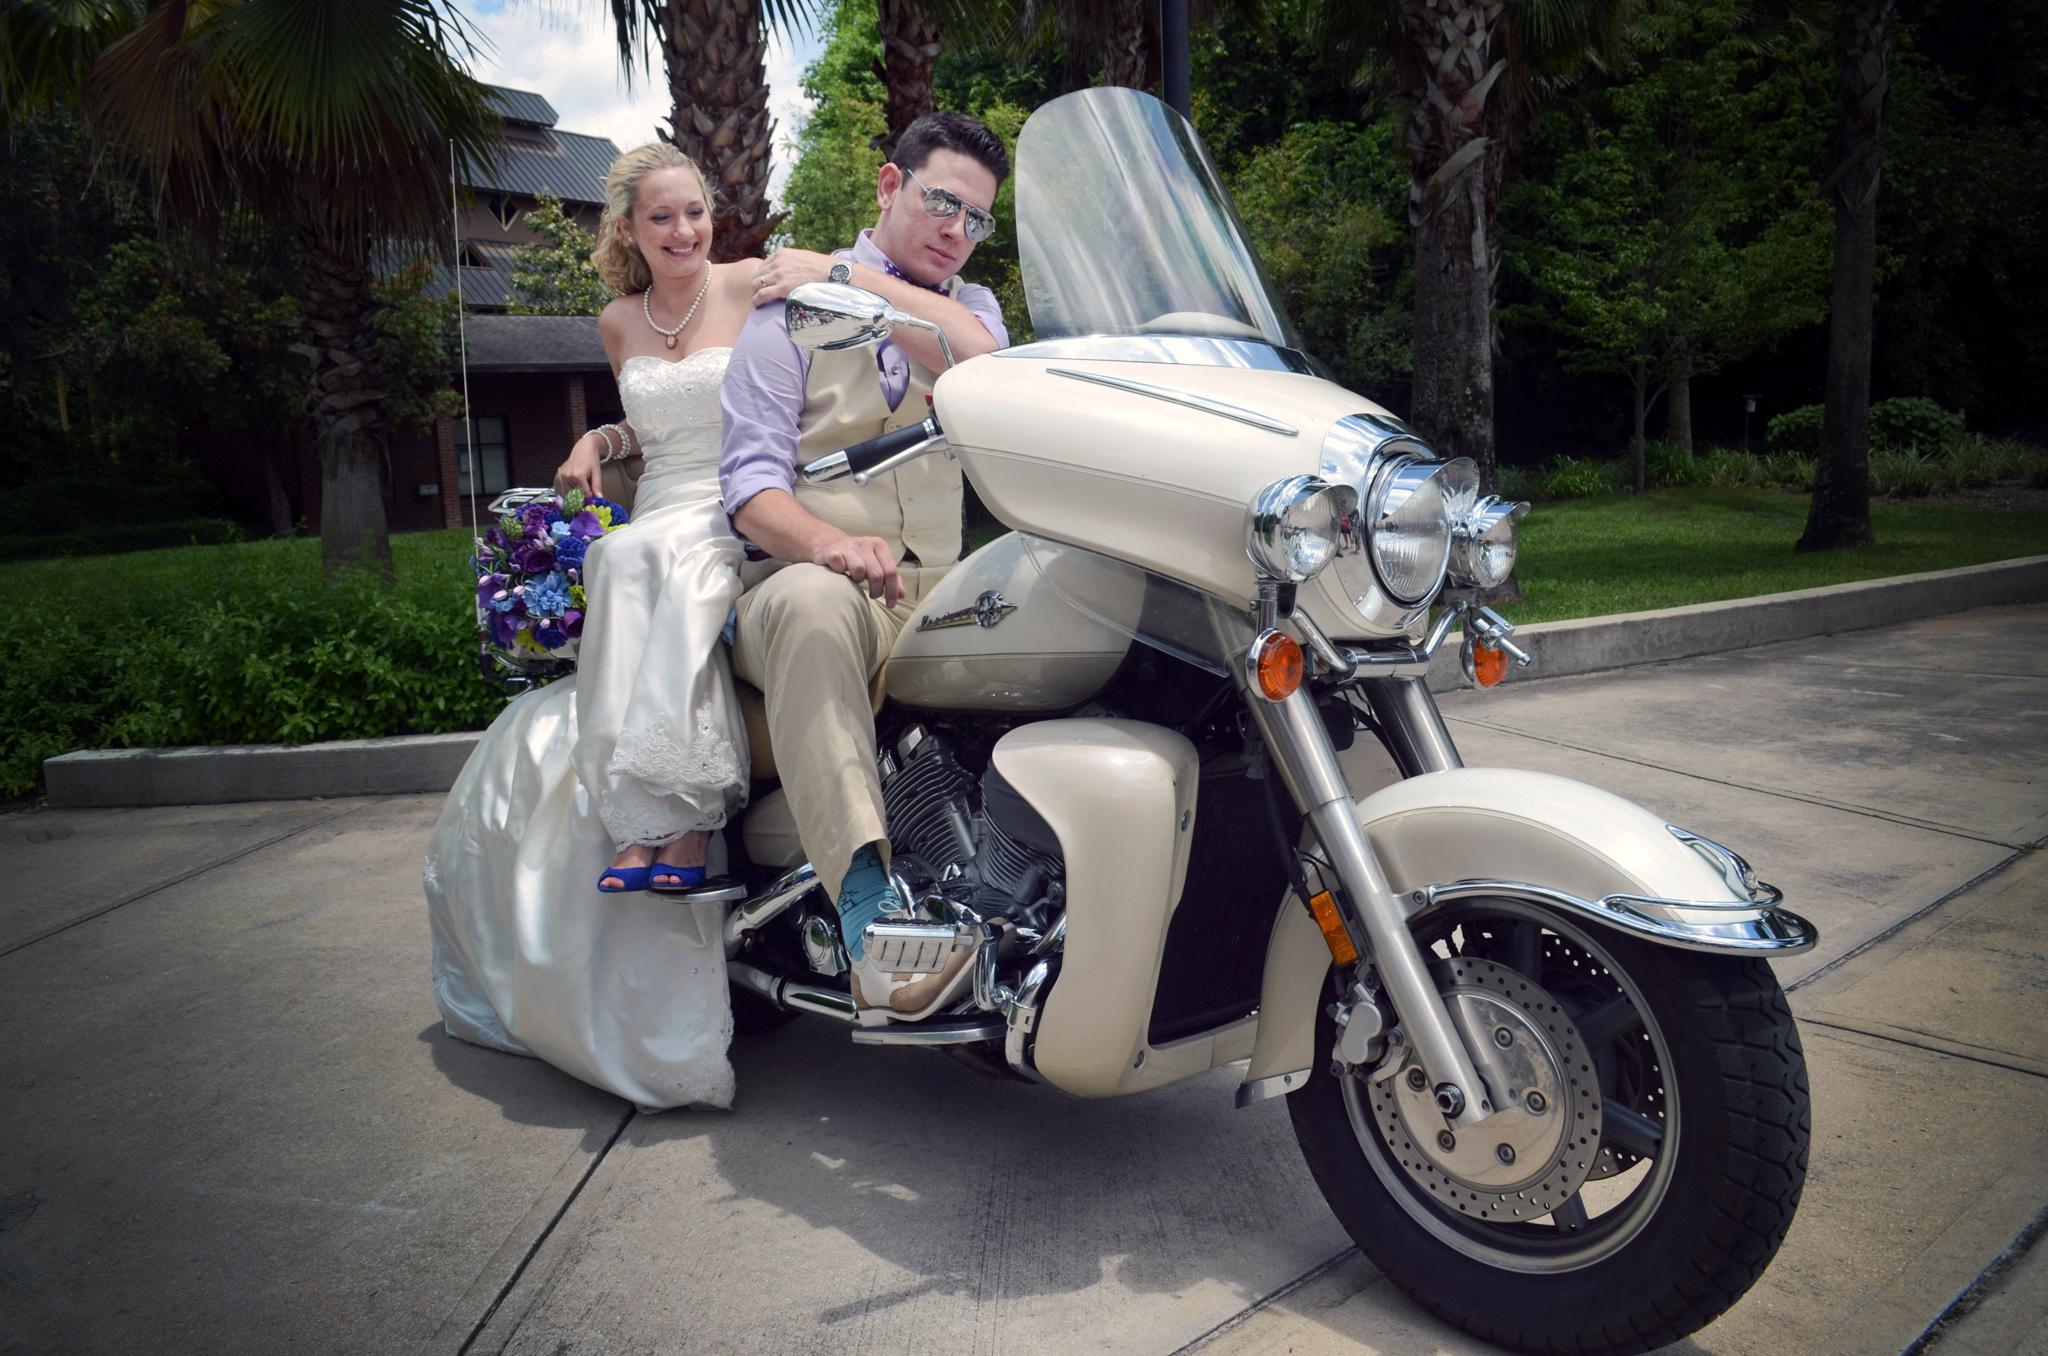 2013-05-12 - Jonathon And Amanda's Wedding - 237